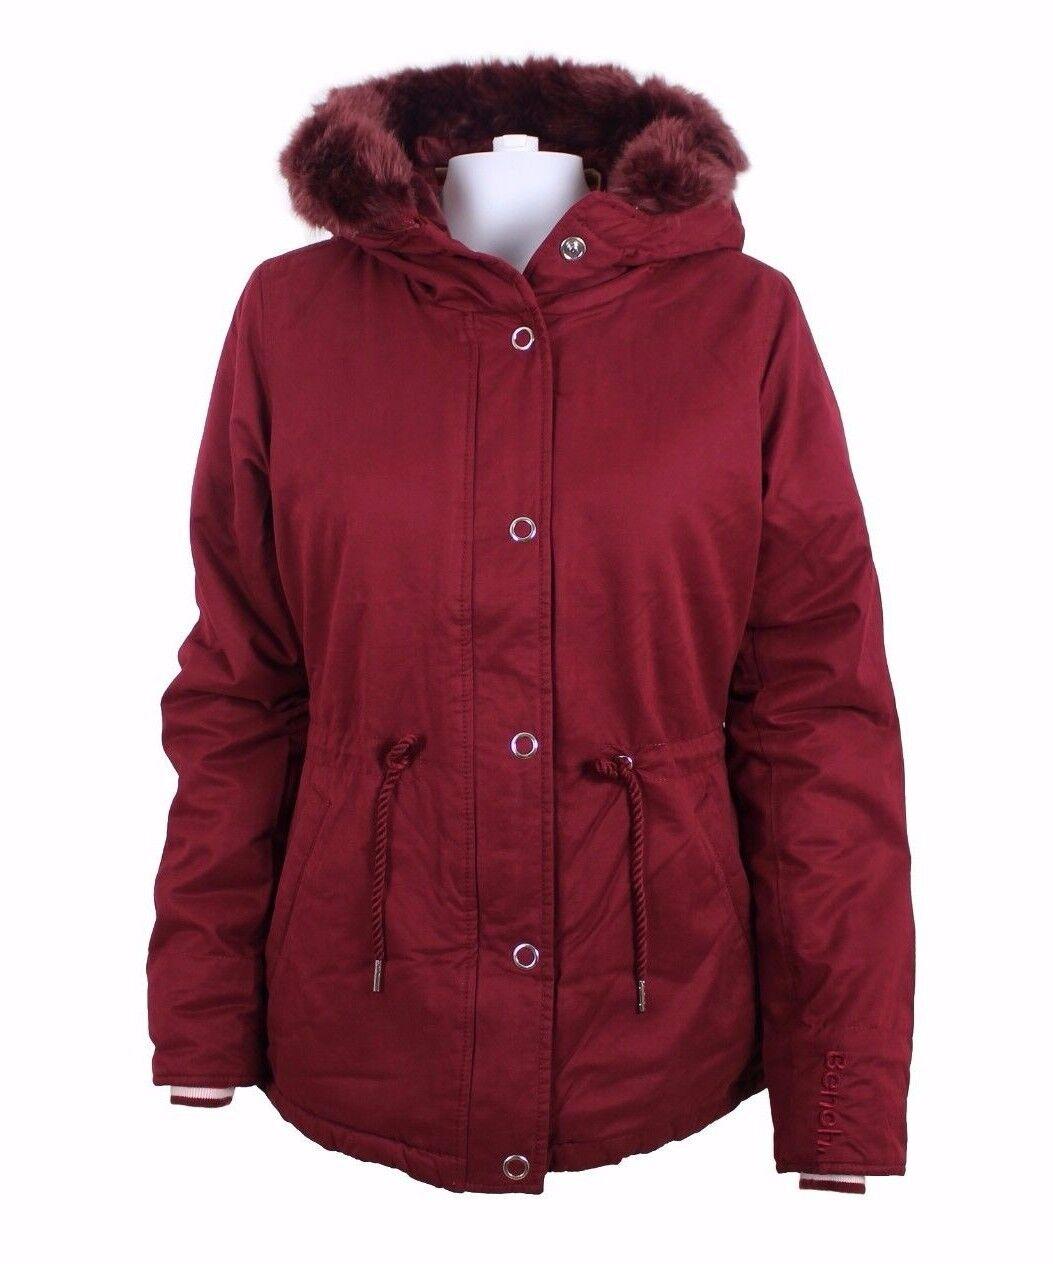 BENCH Damenjacke Wasserabweisende Jacke mit Kapuze und Tunnelzug Gr. M